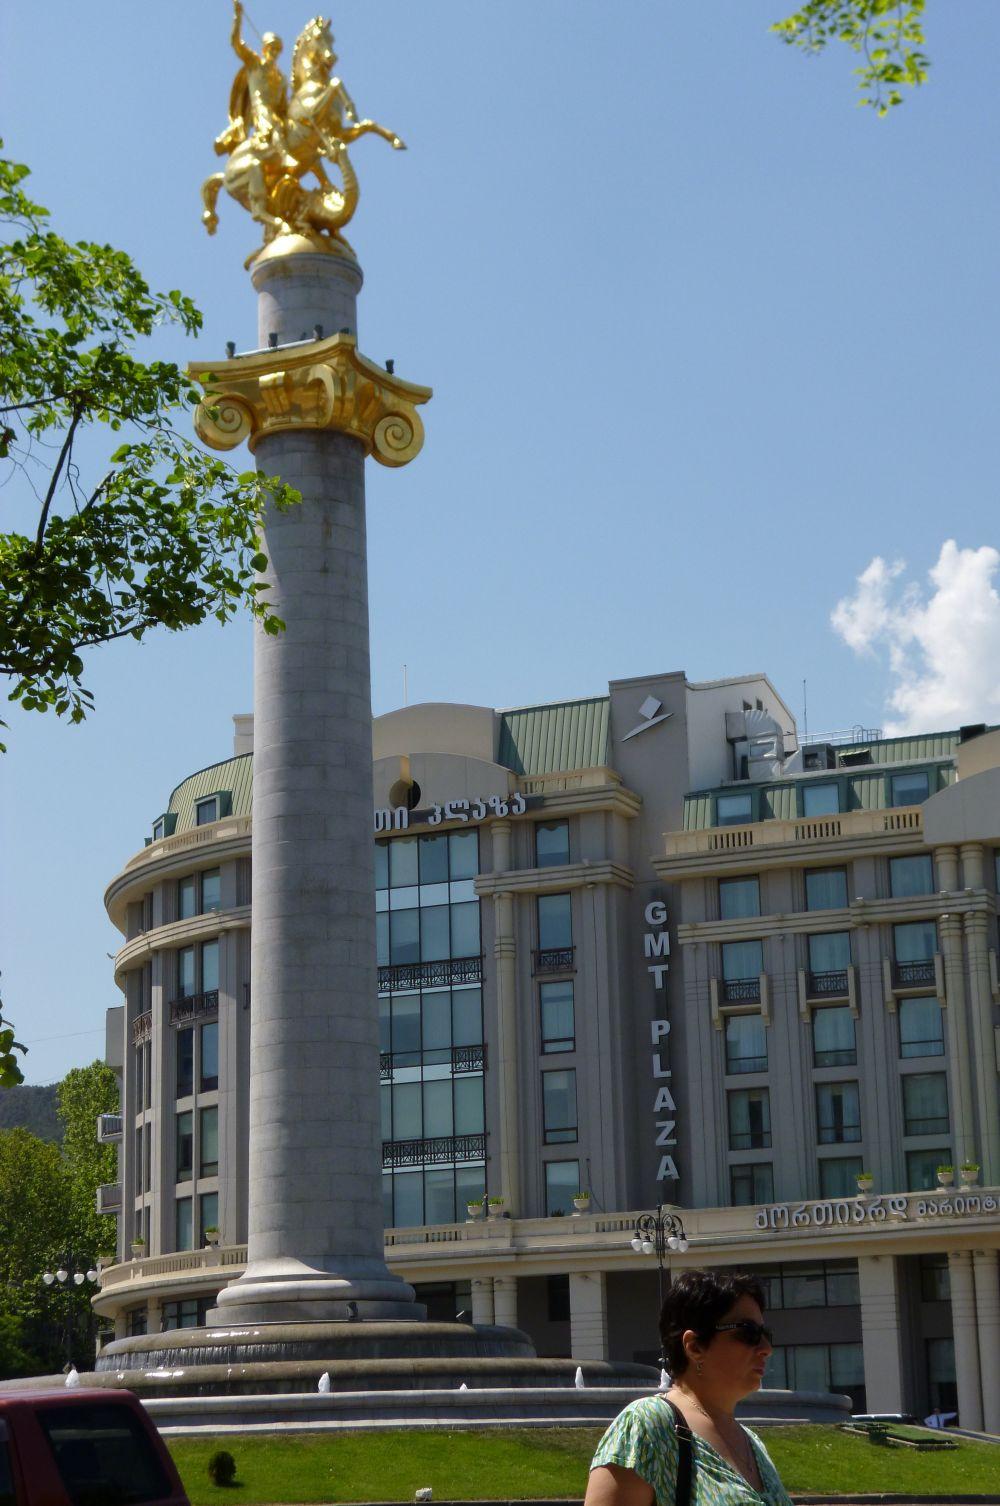 «Святой Георгий Победоносец». Эта скульптура установлена на 30-метровой колонне на площади Свободы в Тбилиси – Святой Георгий является покровителем Грузии. Монумент был открыт в апреле 2006 года.